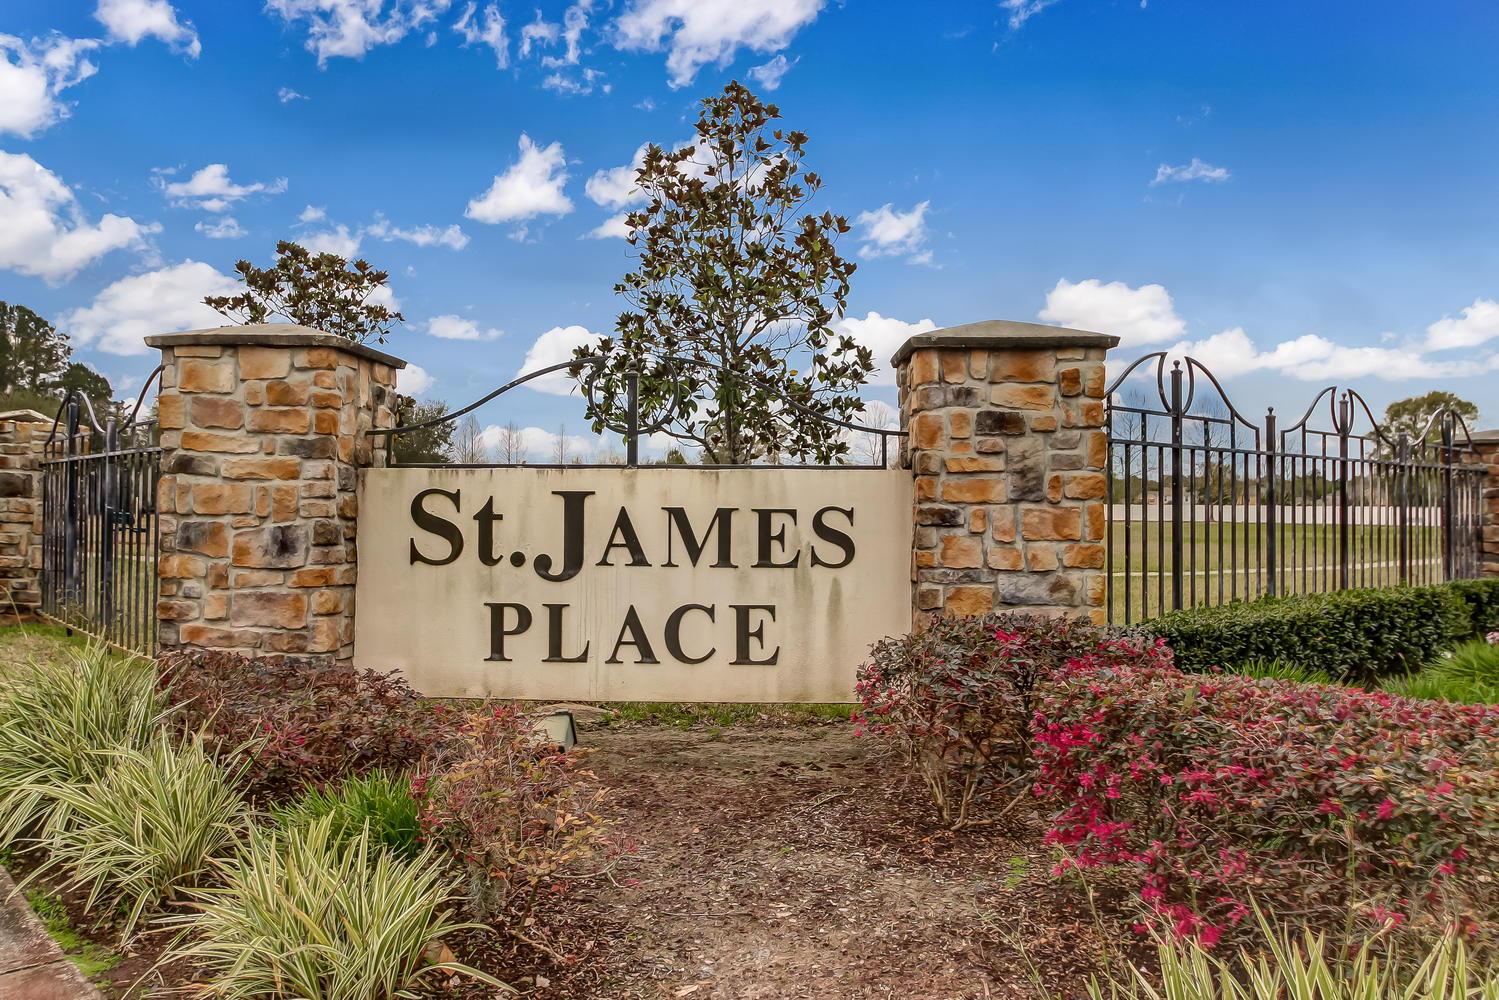 St. James Place